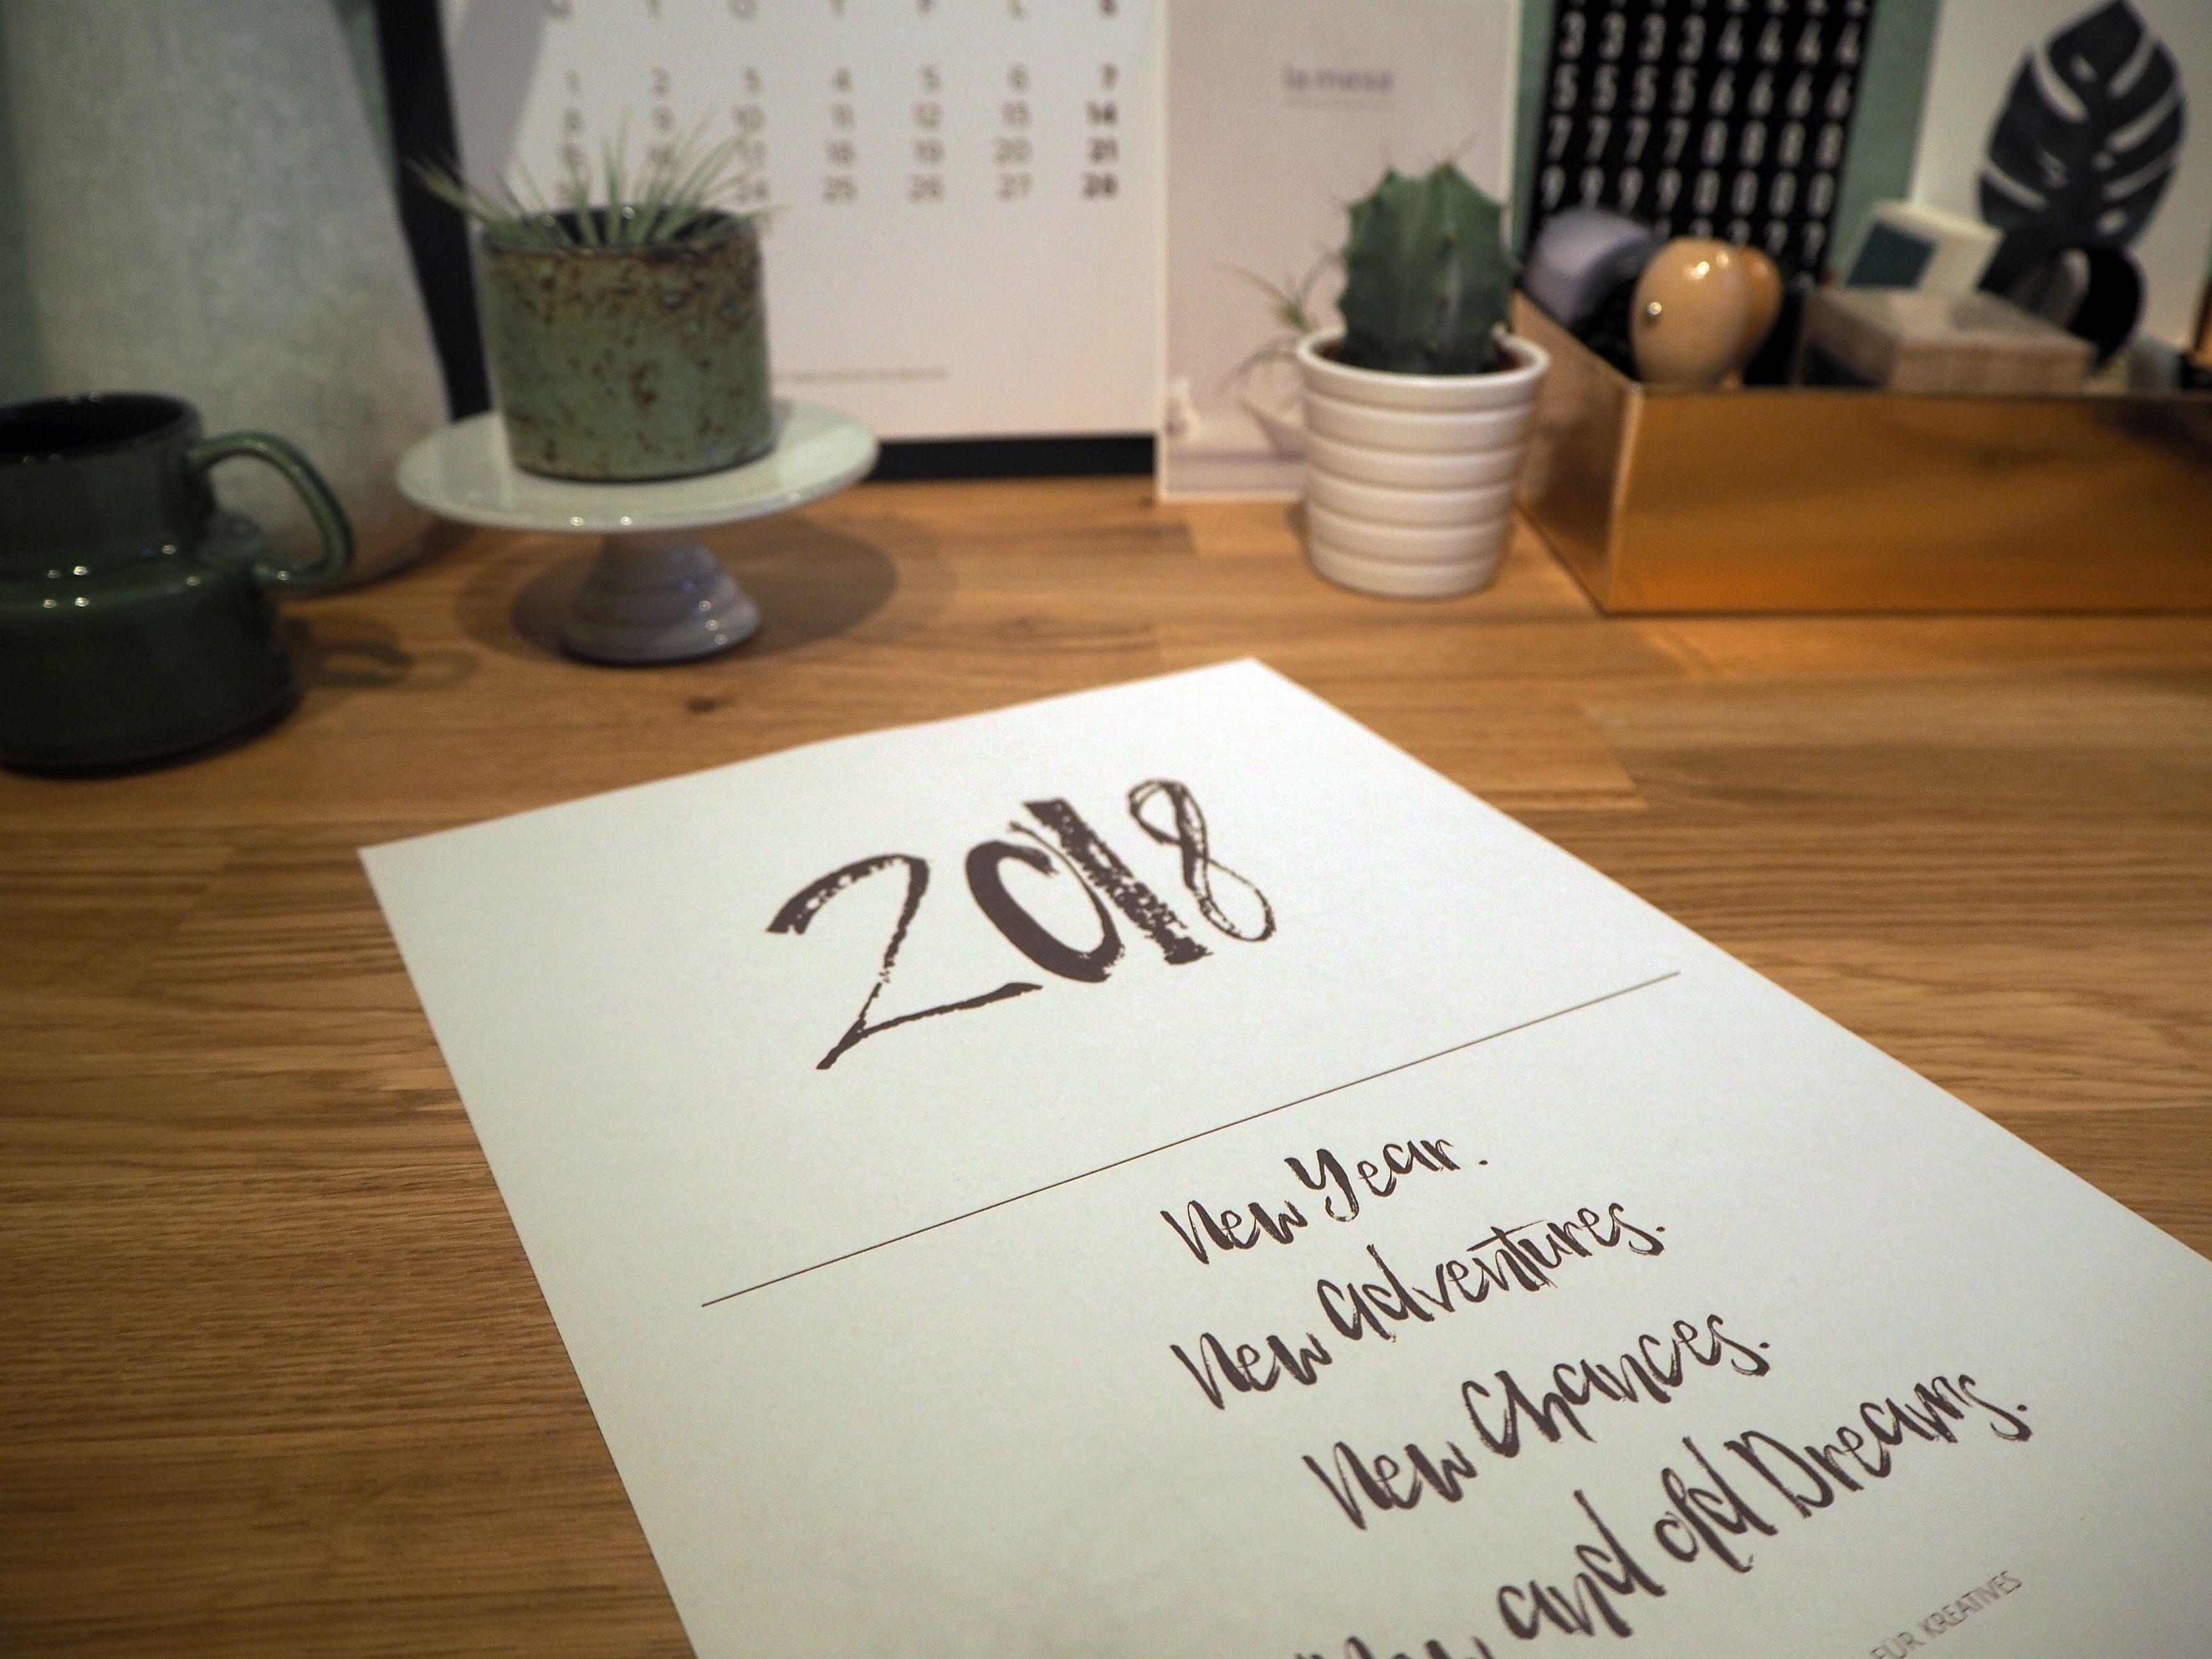 2018-01-skoen-och-kreativ-grafikdesign-kalenderliebe-kalender-jahresplanung-organisation (4)